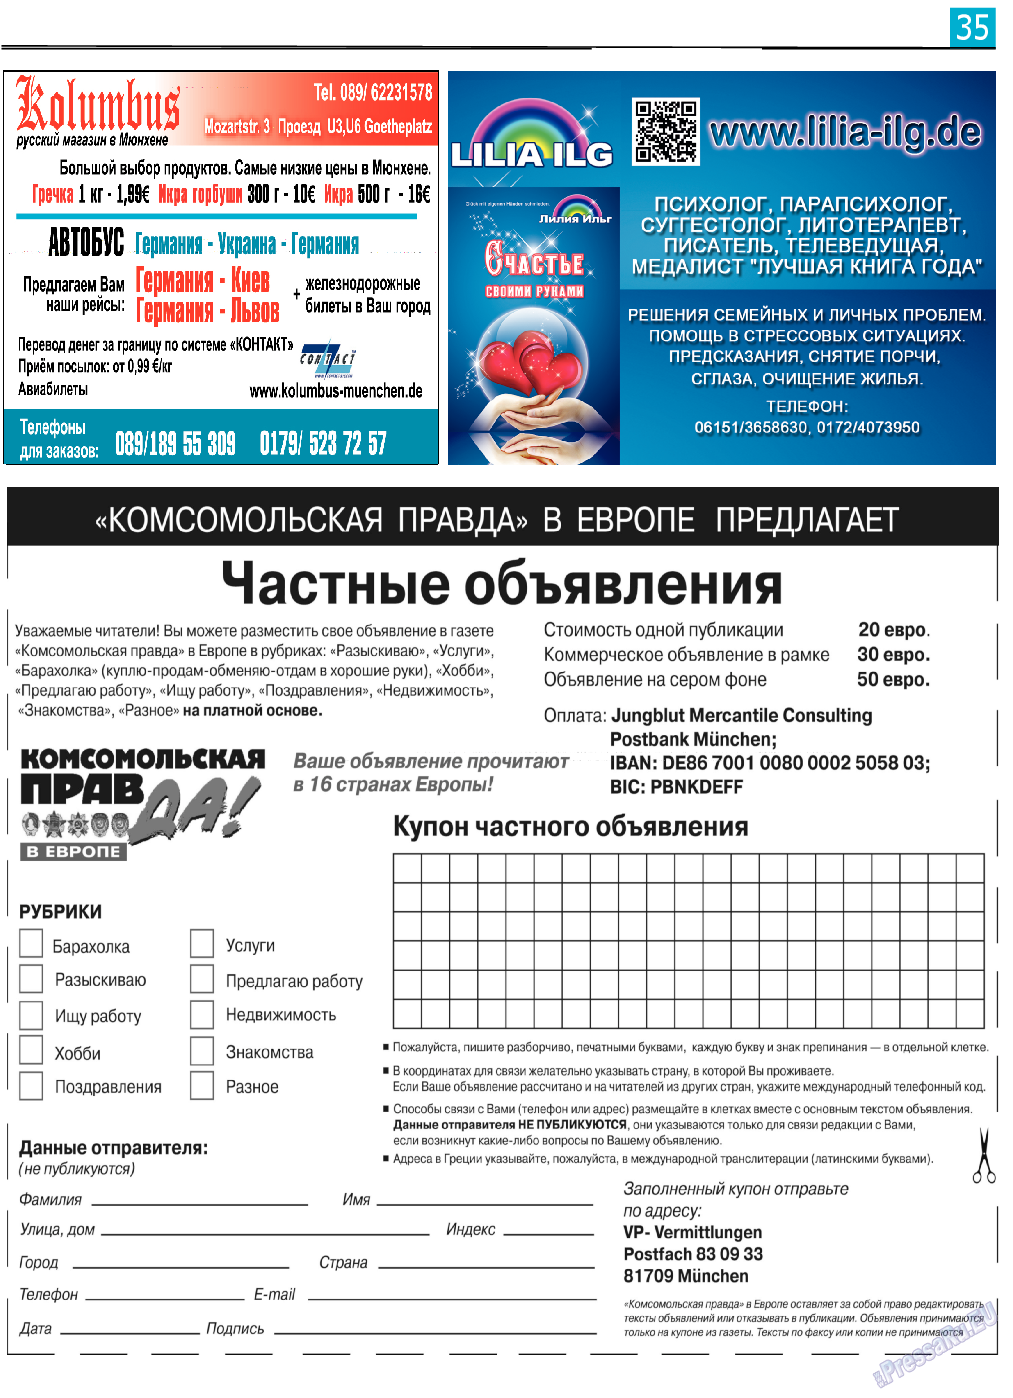 КП в Европе (газета). 2019 год, номер 18, стр. 35